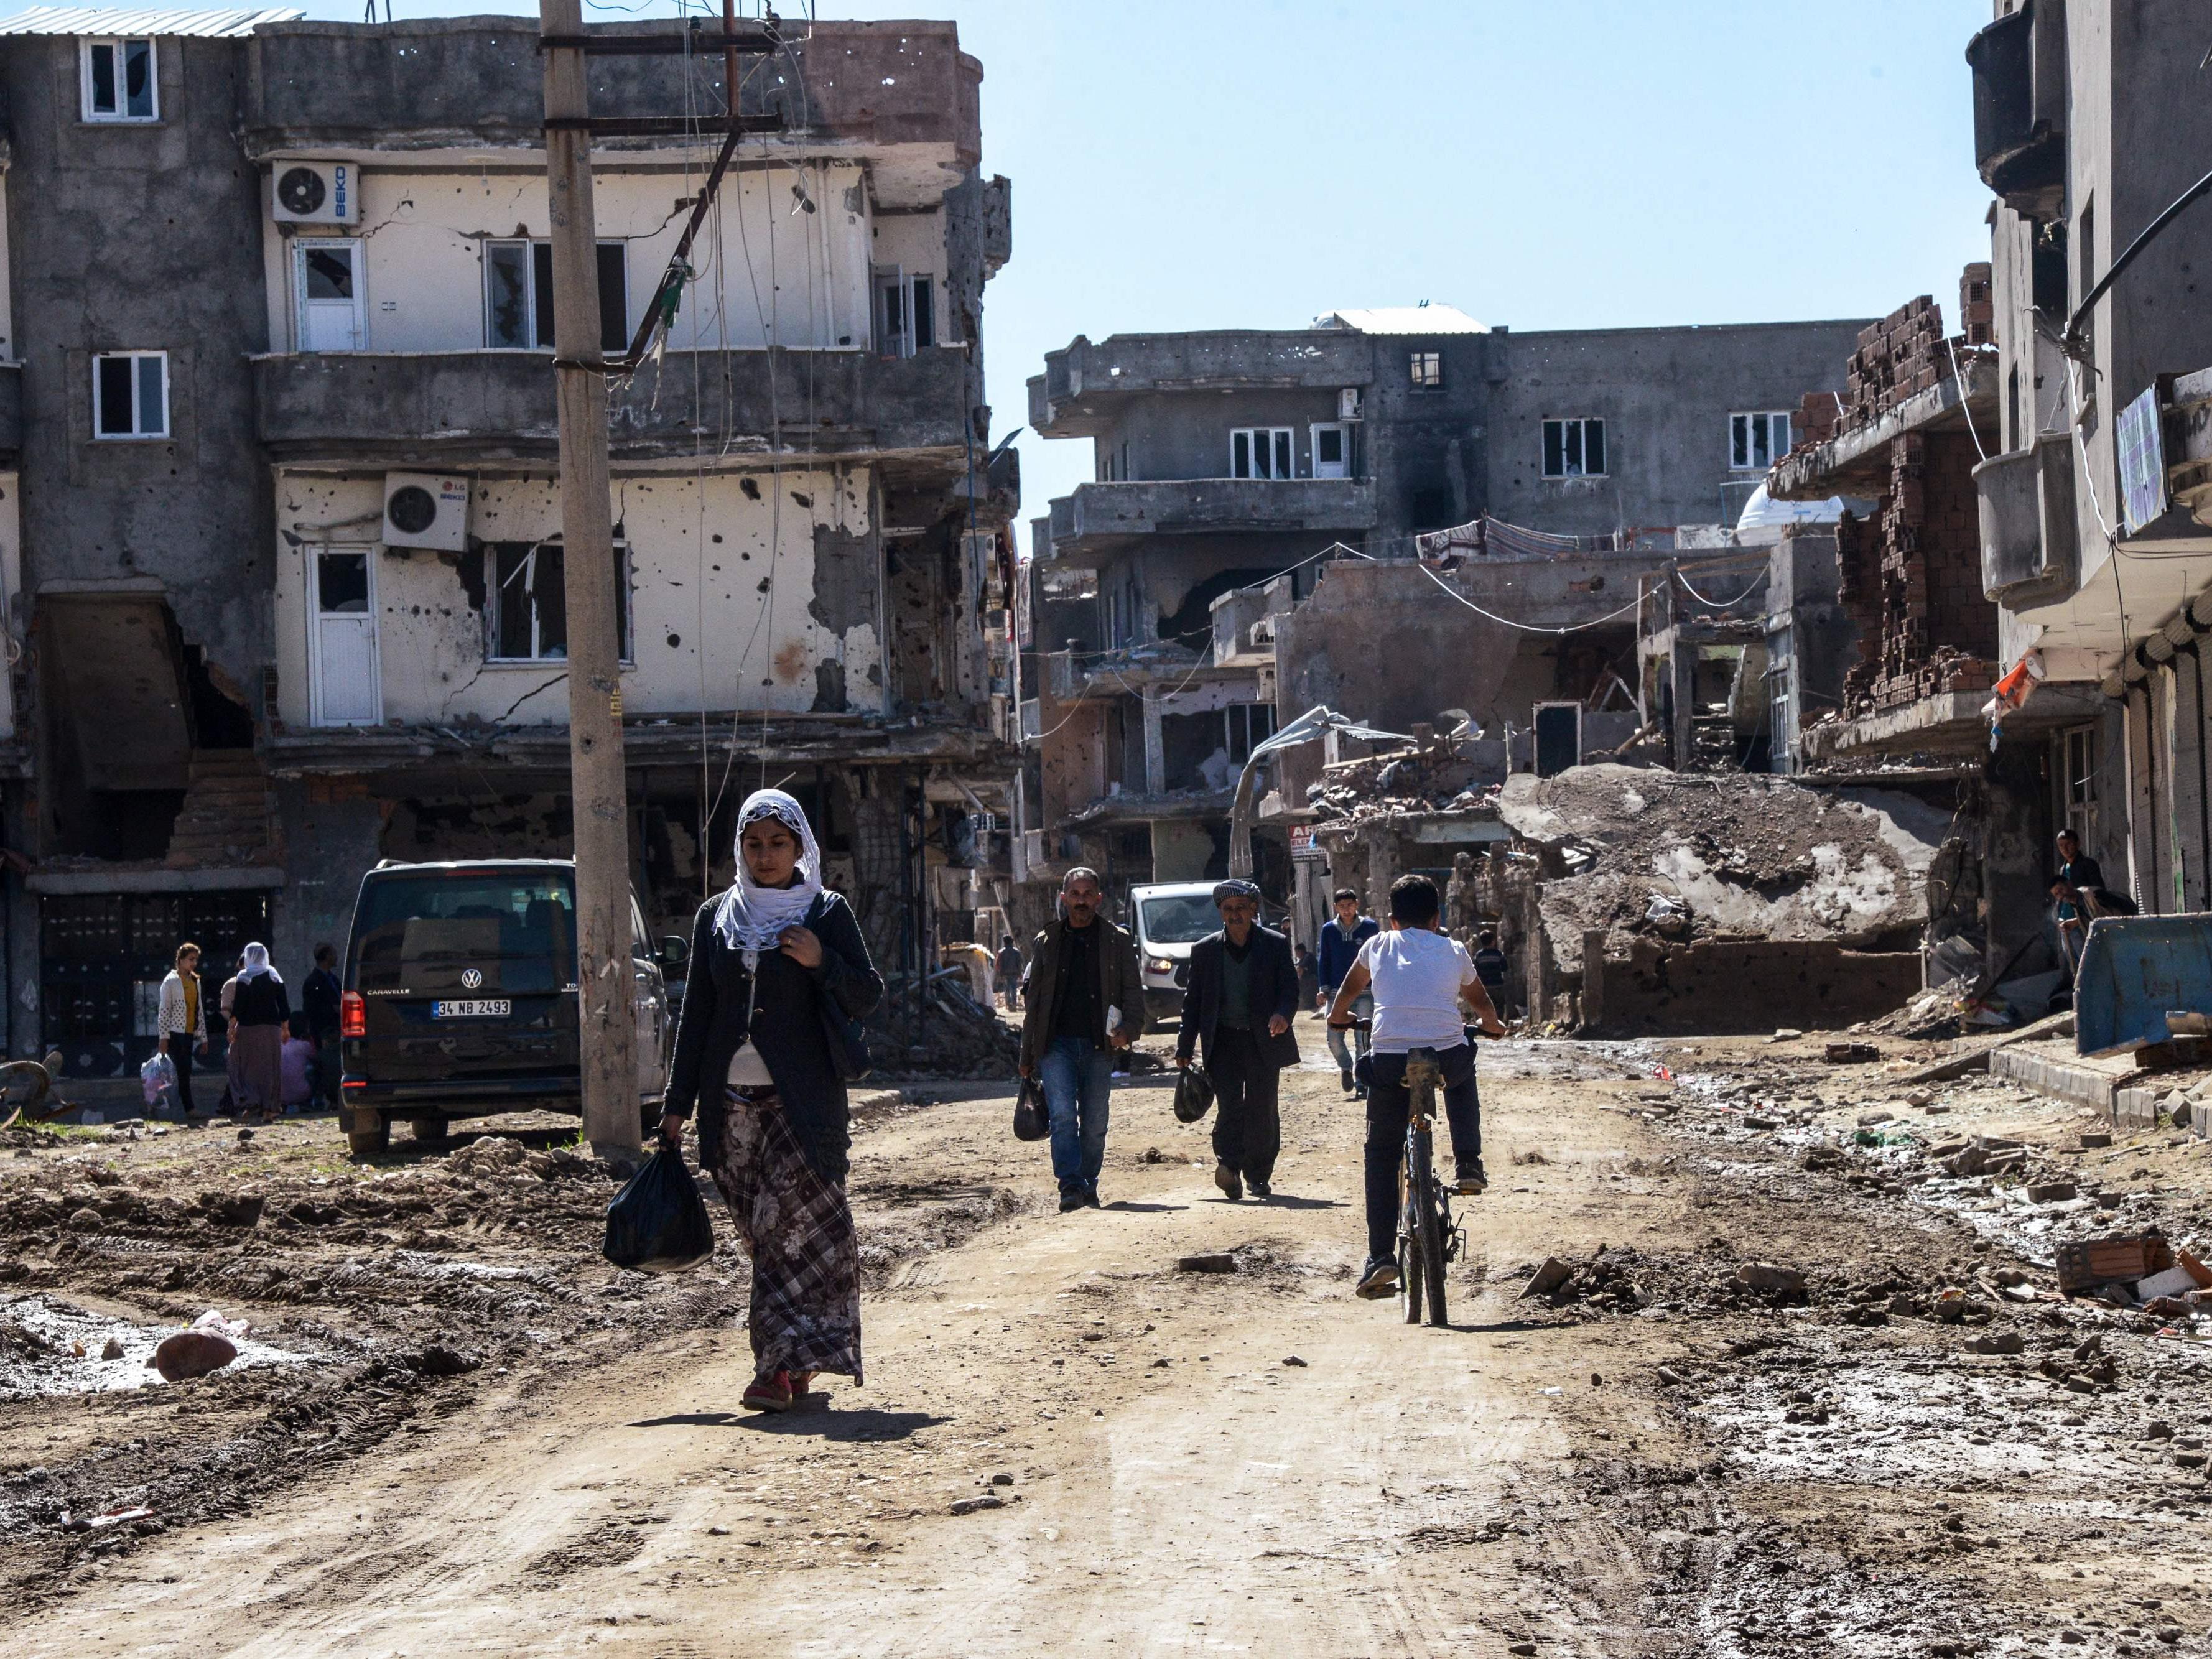 Vereinte Nationen fordern Untersuchung zu massiver Gewalt in Kurden-Region.